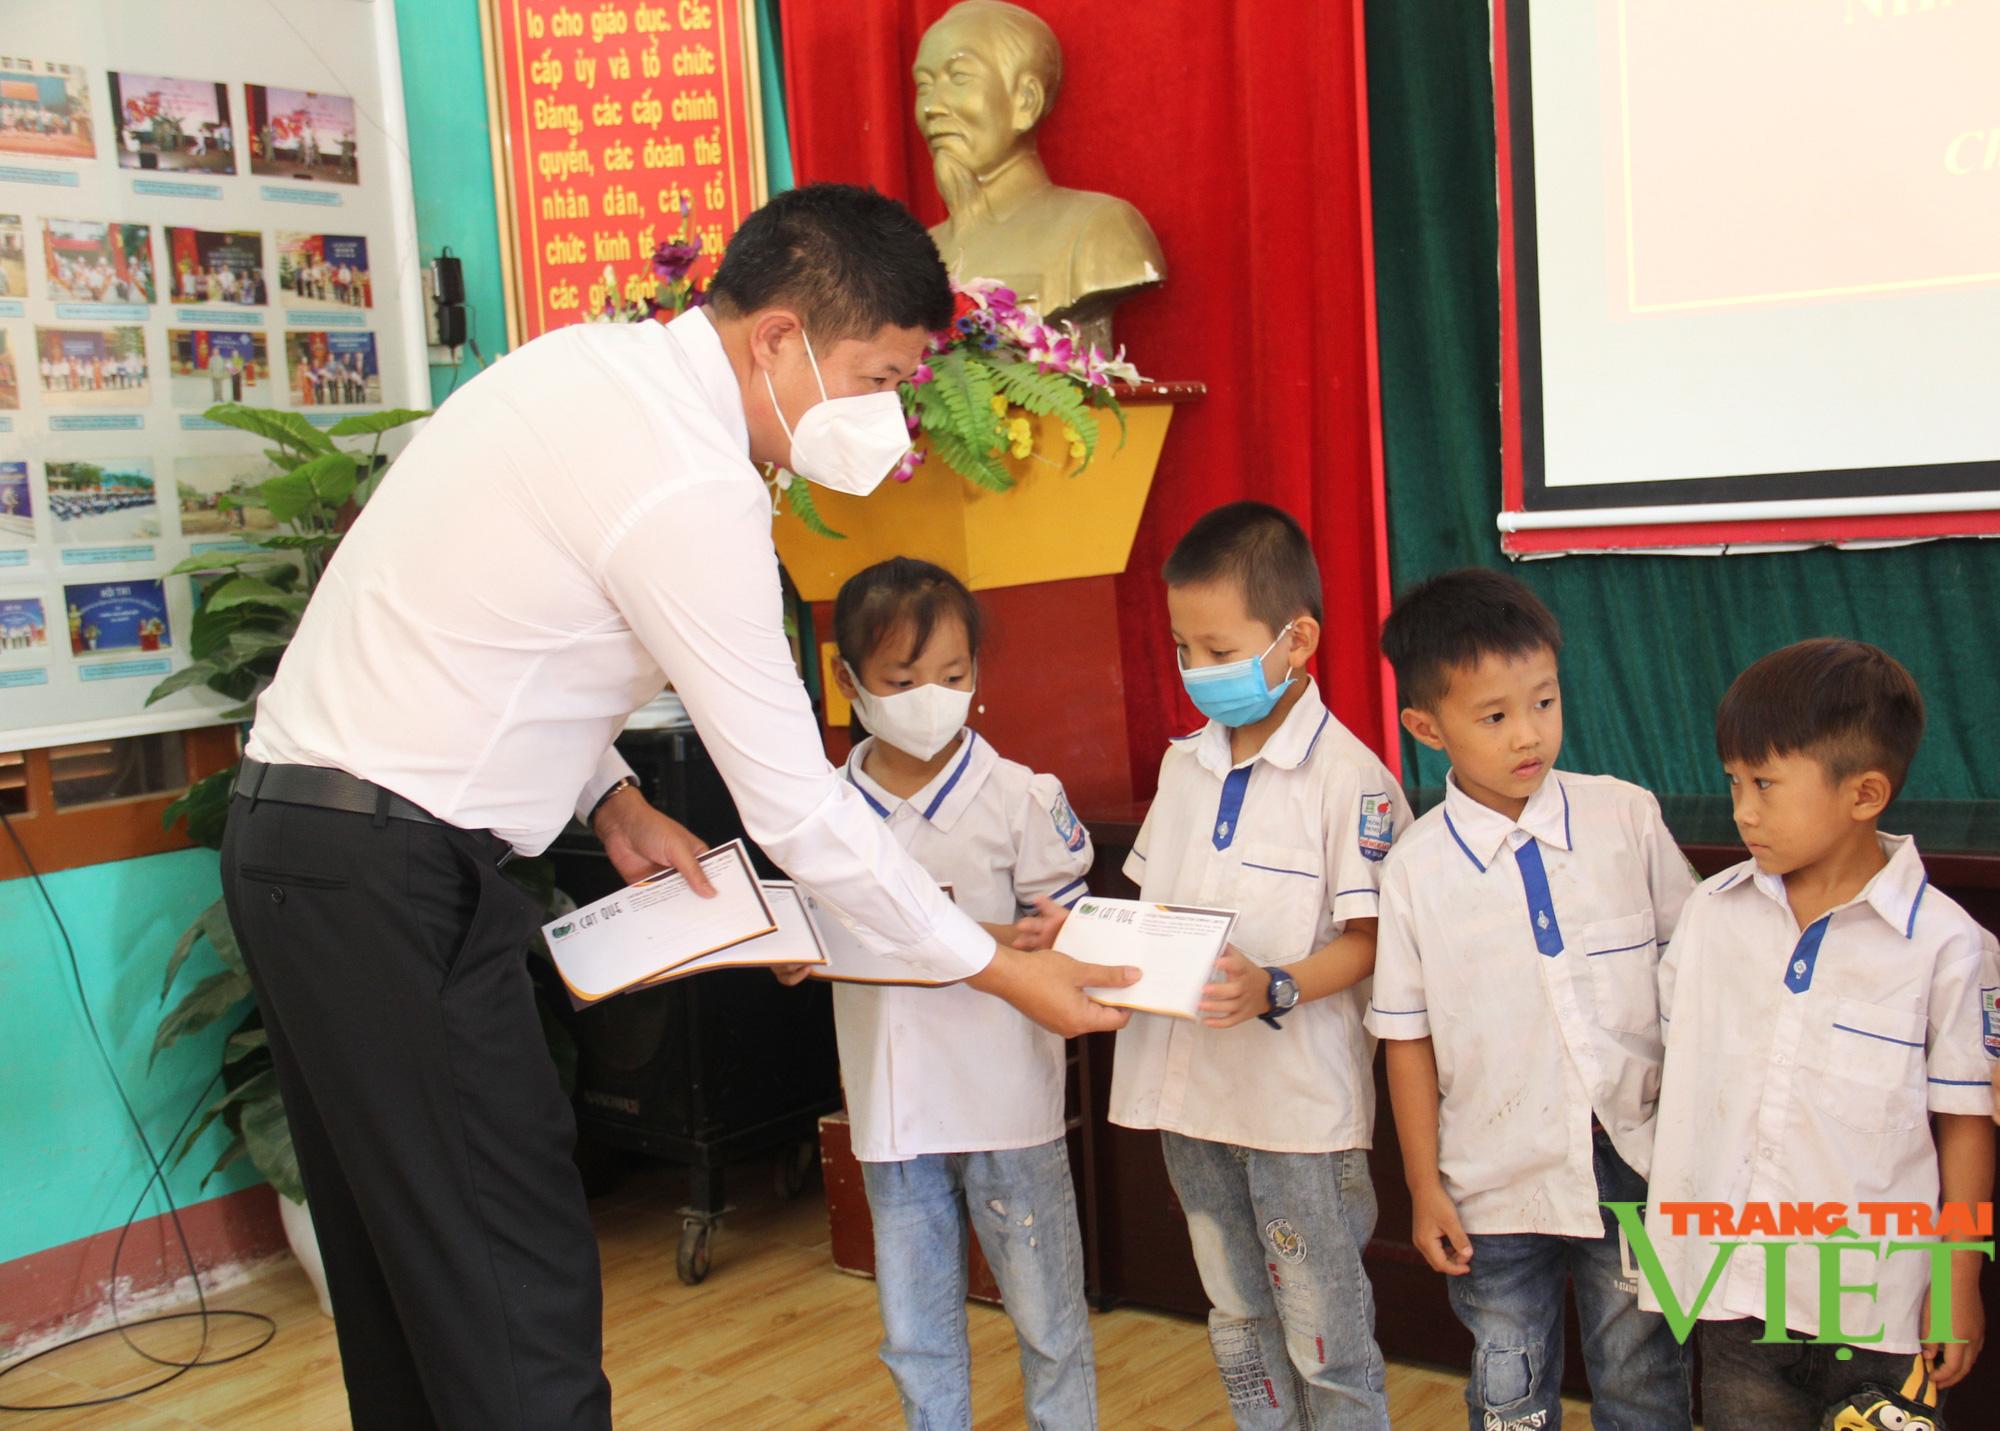 Sơn La: Trao 25 suất học bổng cho các em học sinh có hoàn cảnh khó khăn, vượt khó trong học tập - Ảnh 2.